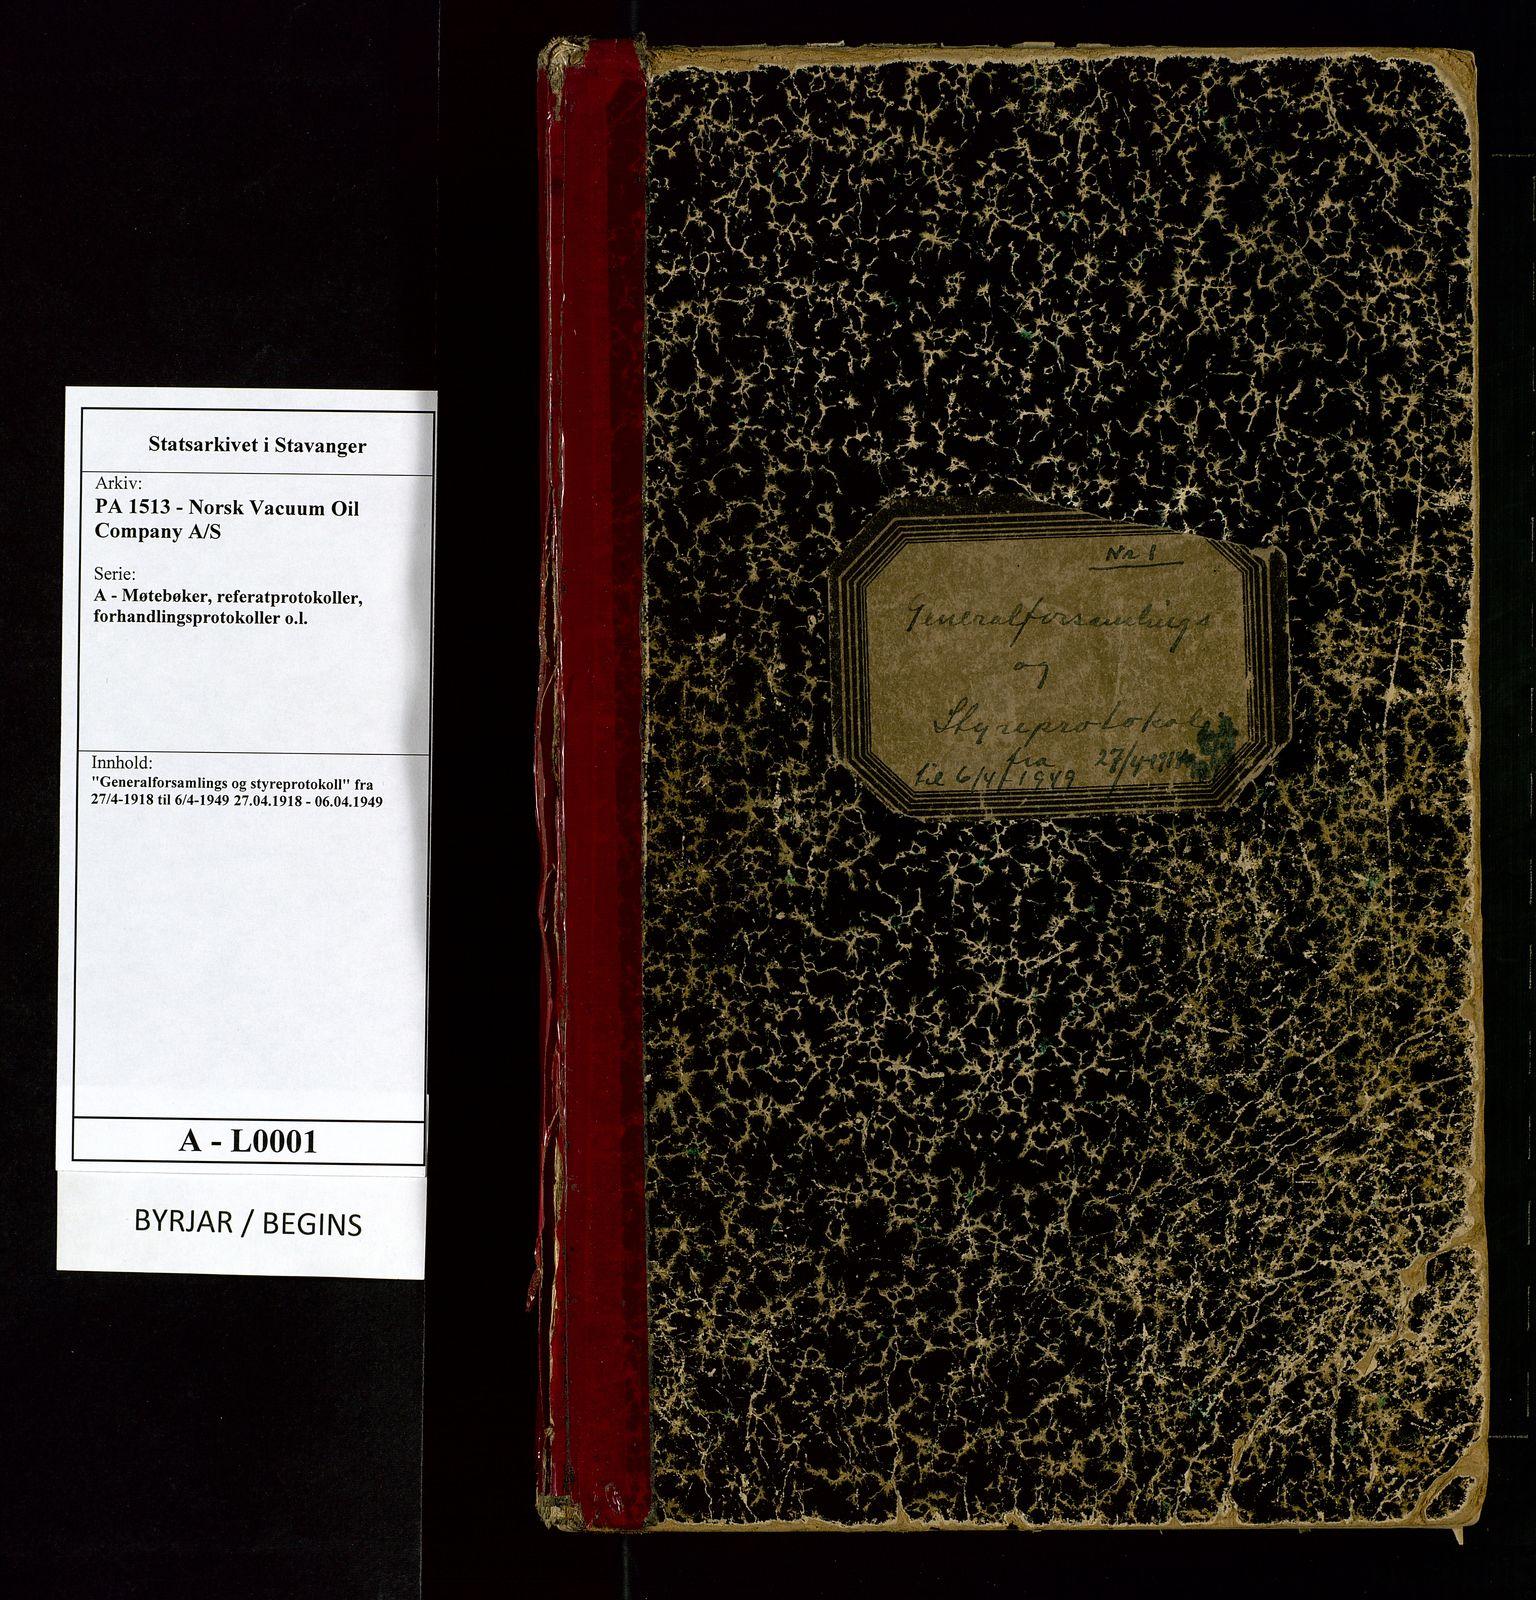 """SAST, PA 1513 - Norsk Vacuum Oil Company A/S, A/L0001: """"Generalforsamlings og styreprotokoll"""" fra 27/4-1918 til 6/4-1949, 1918-1949, s. upaginert"""